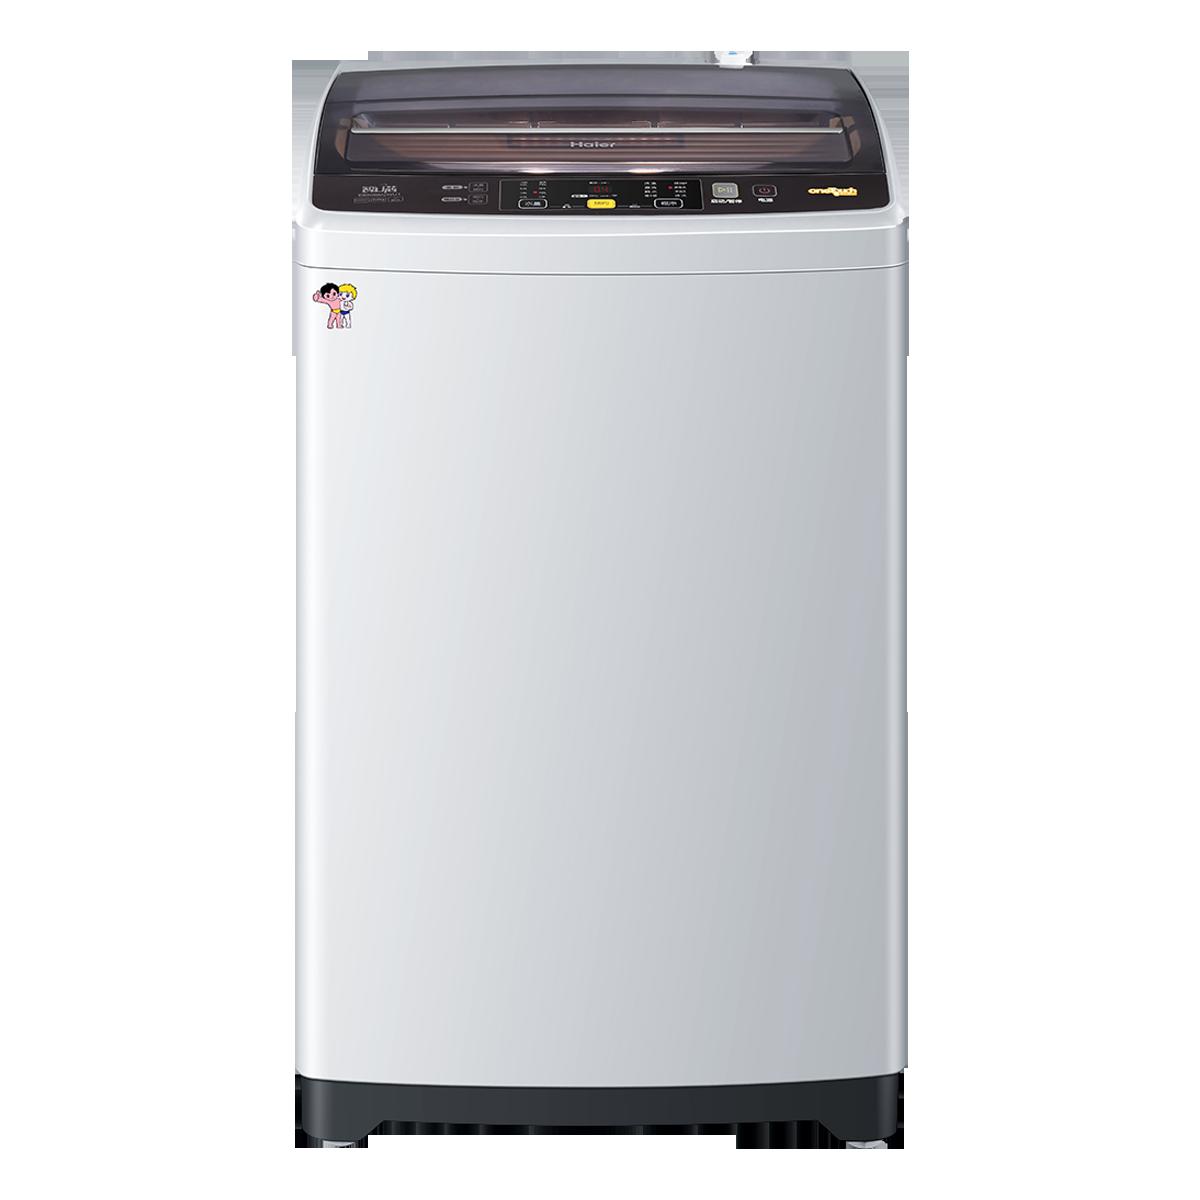 海尔Haier洗衣机 EB80BM2WU1 说明书